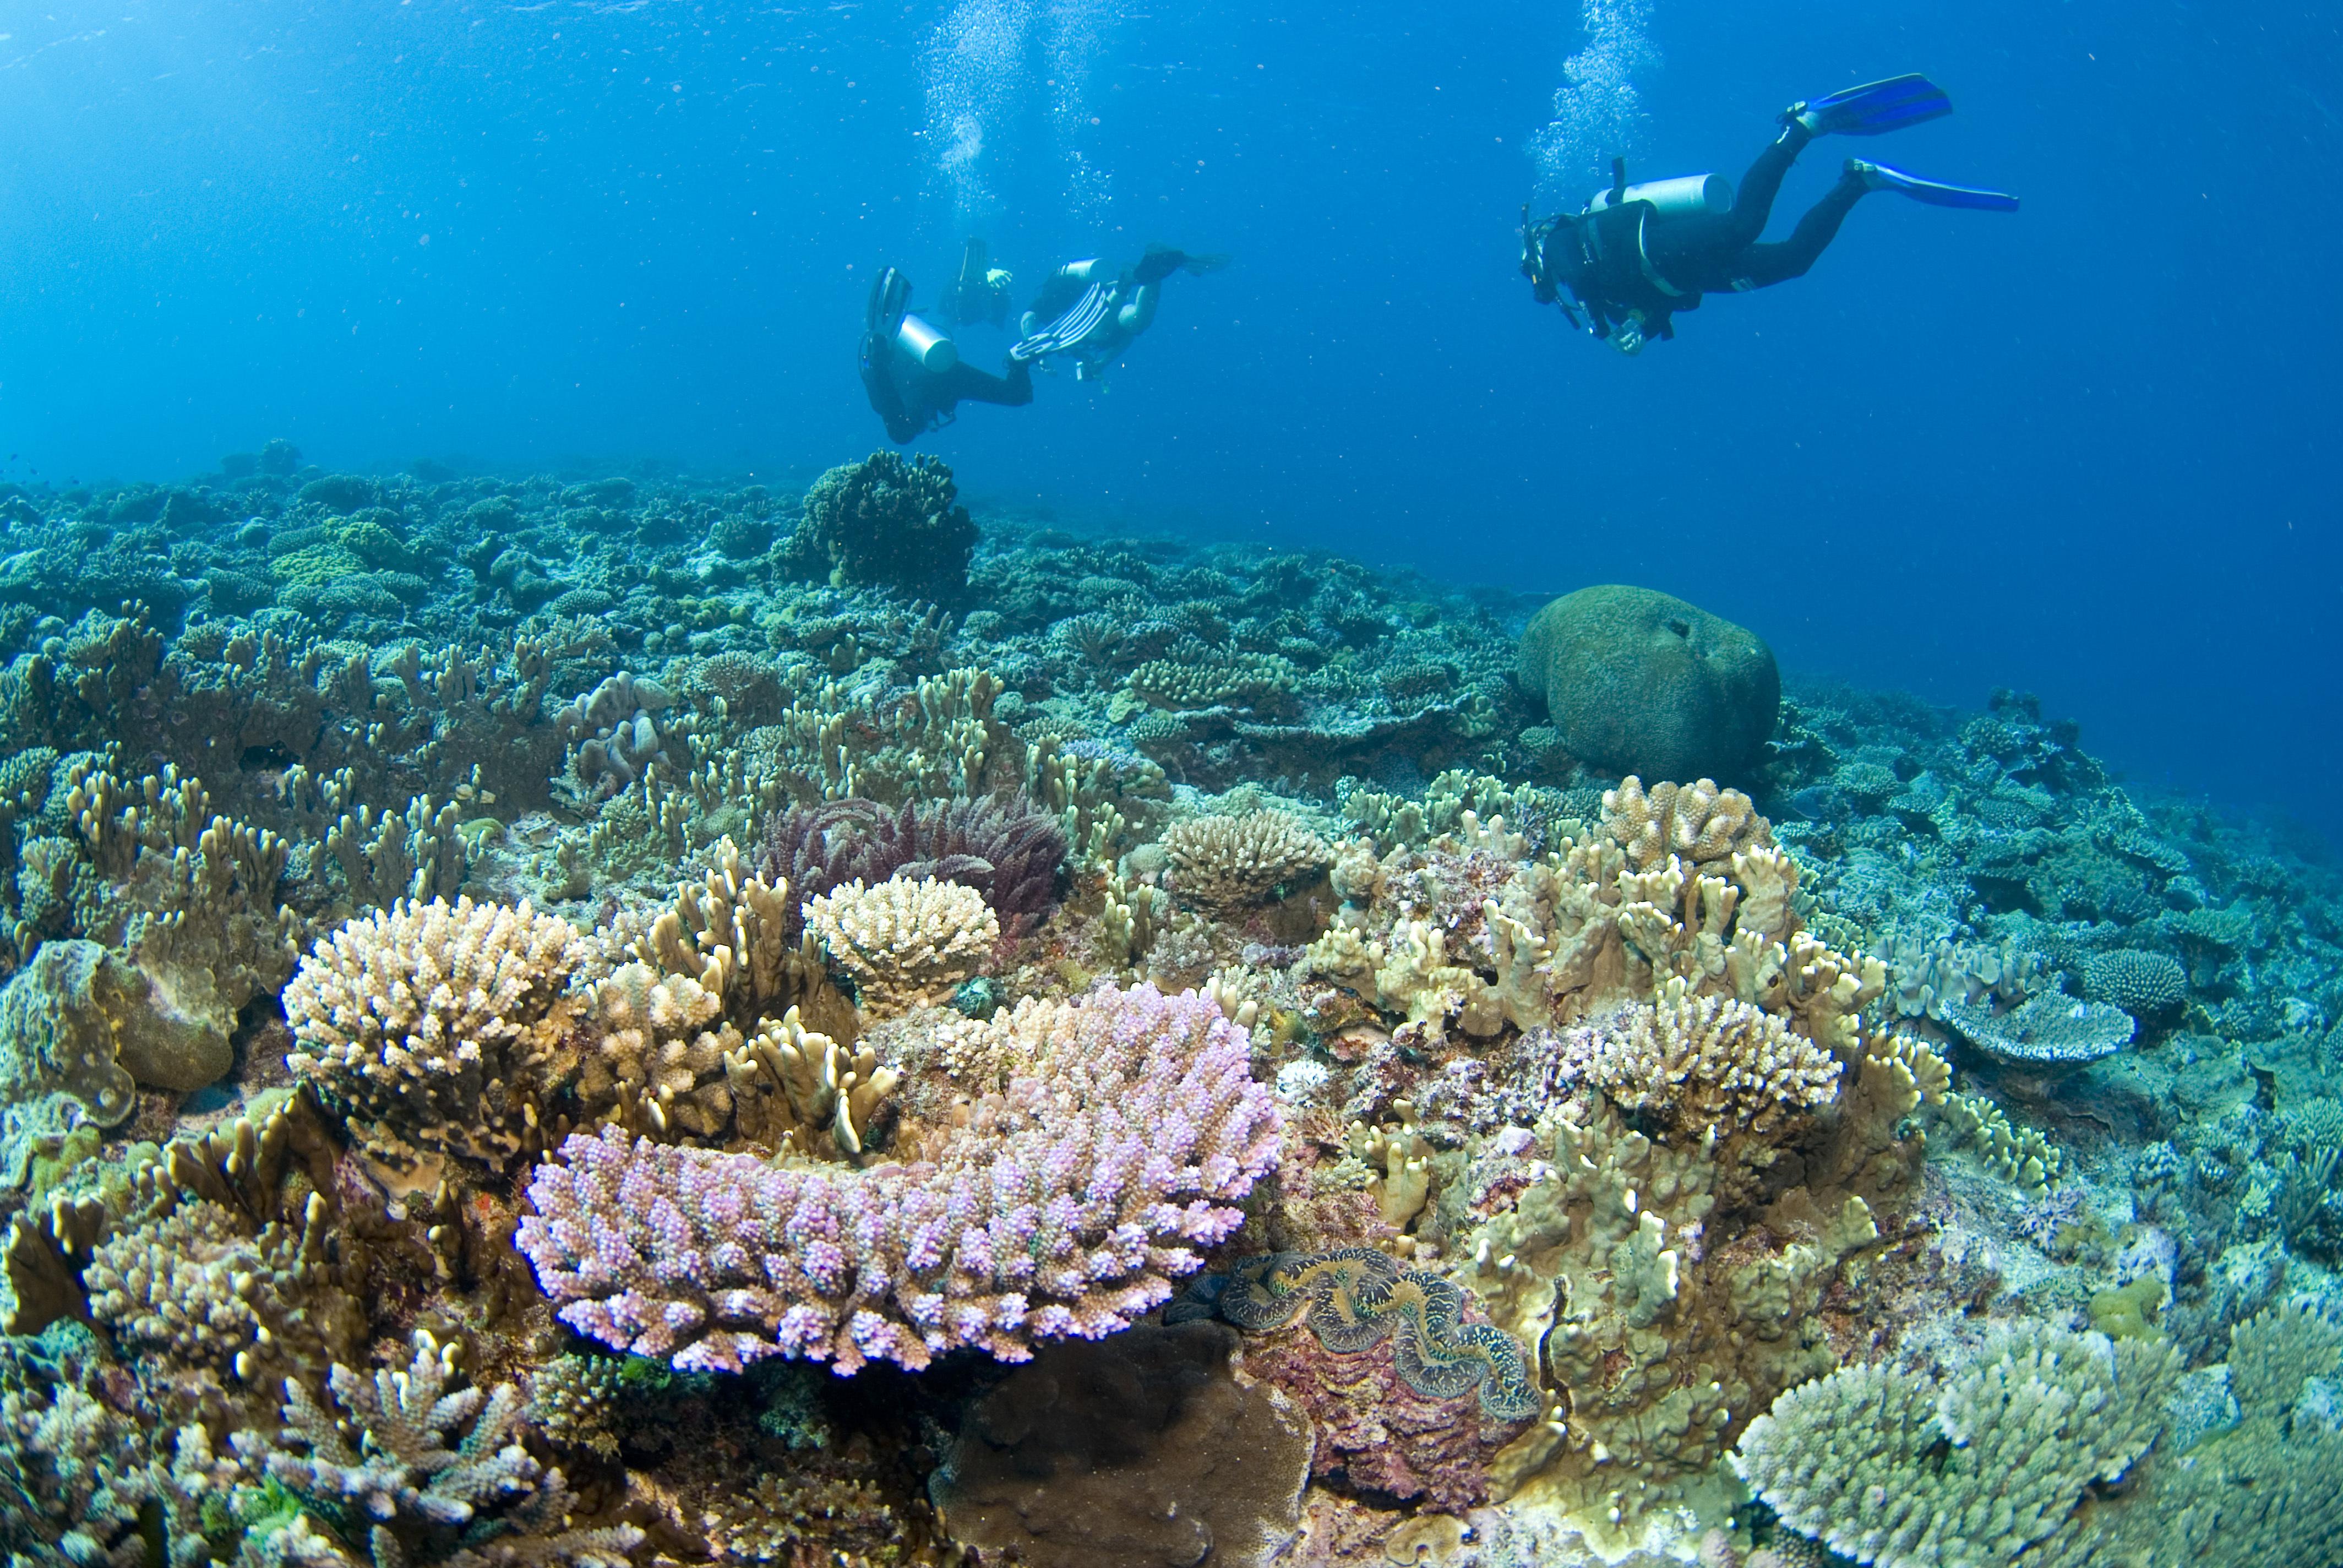 Nyert az ausztrál kormány, nem minősíti veszélyeztetettnek a Nagy-Korallzátonyt az UNESCO